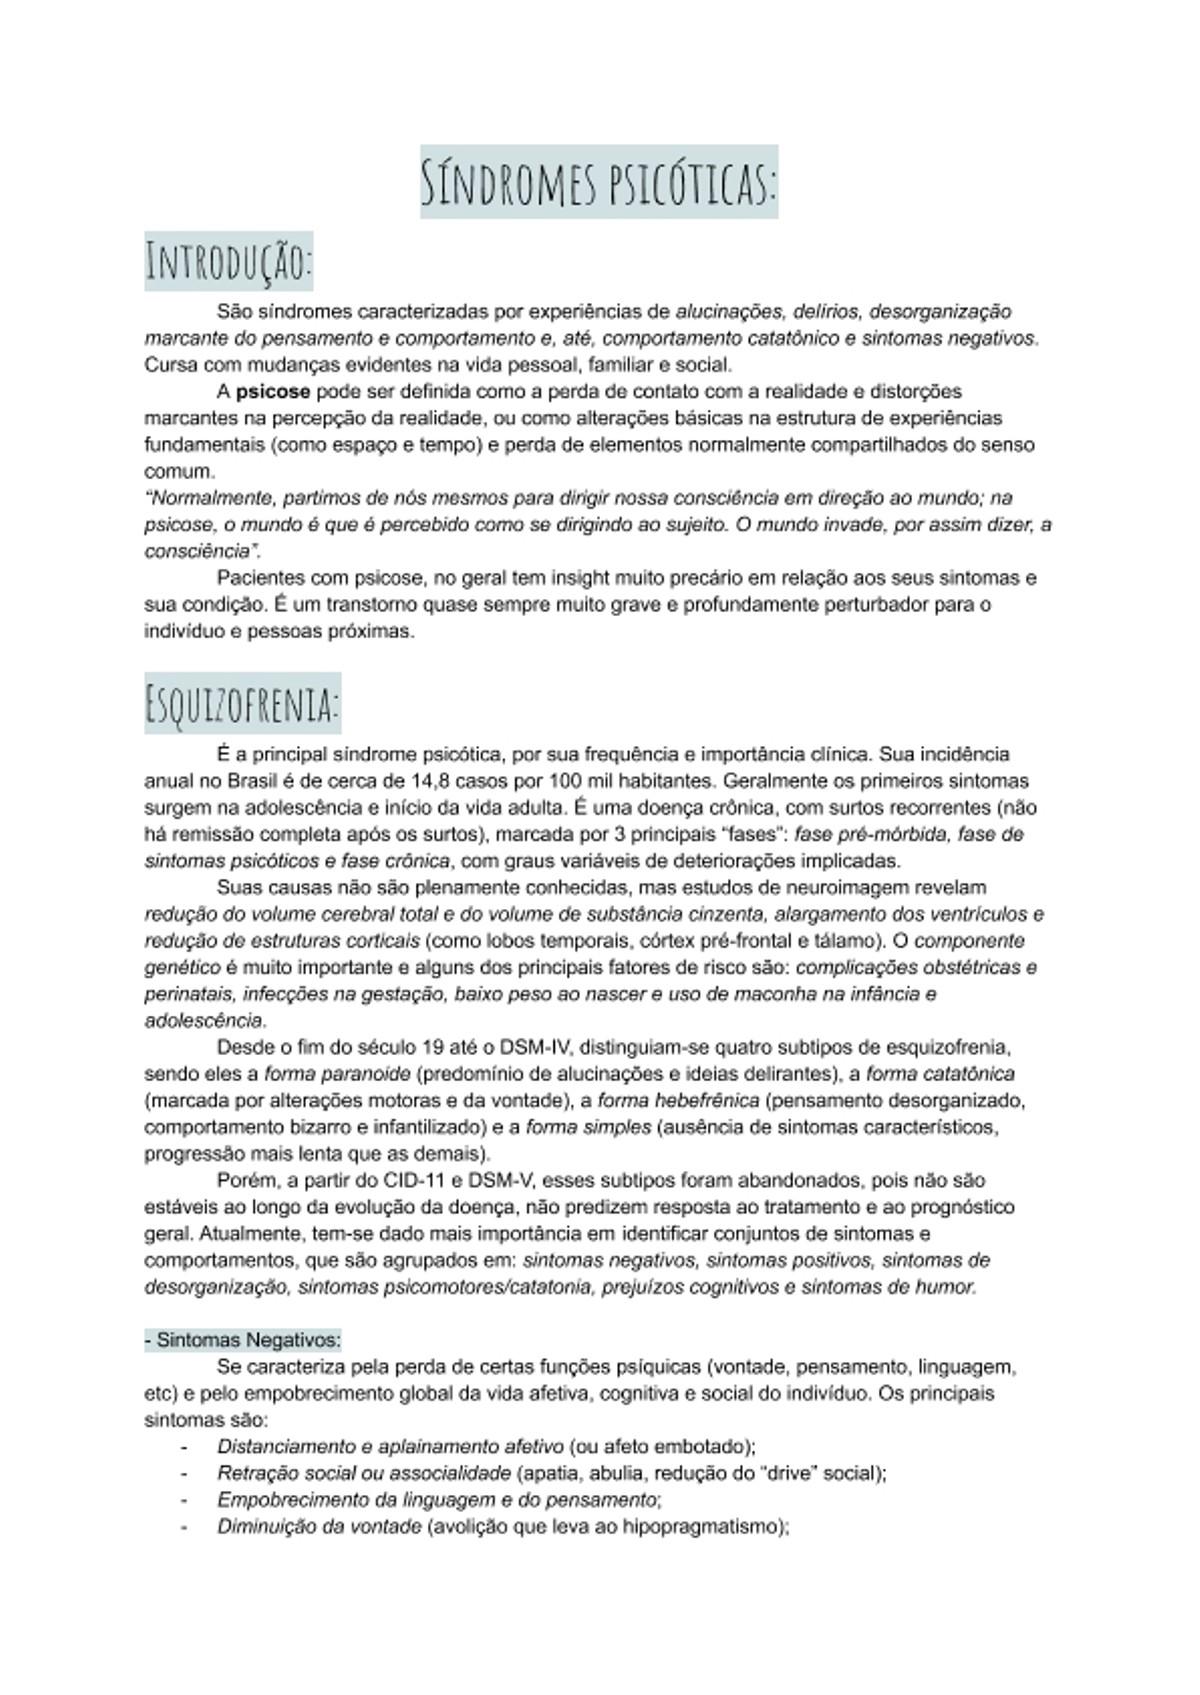 Pre-visualização do material Síndromes psicóticas (esquizofrenia) - página 1